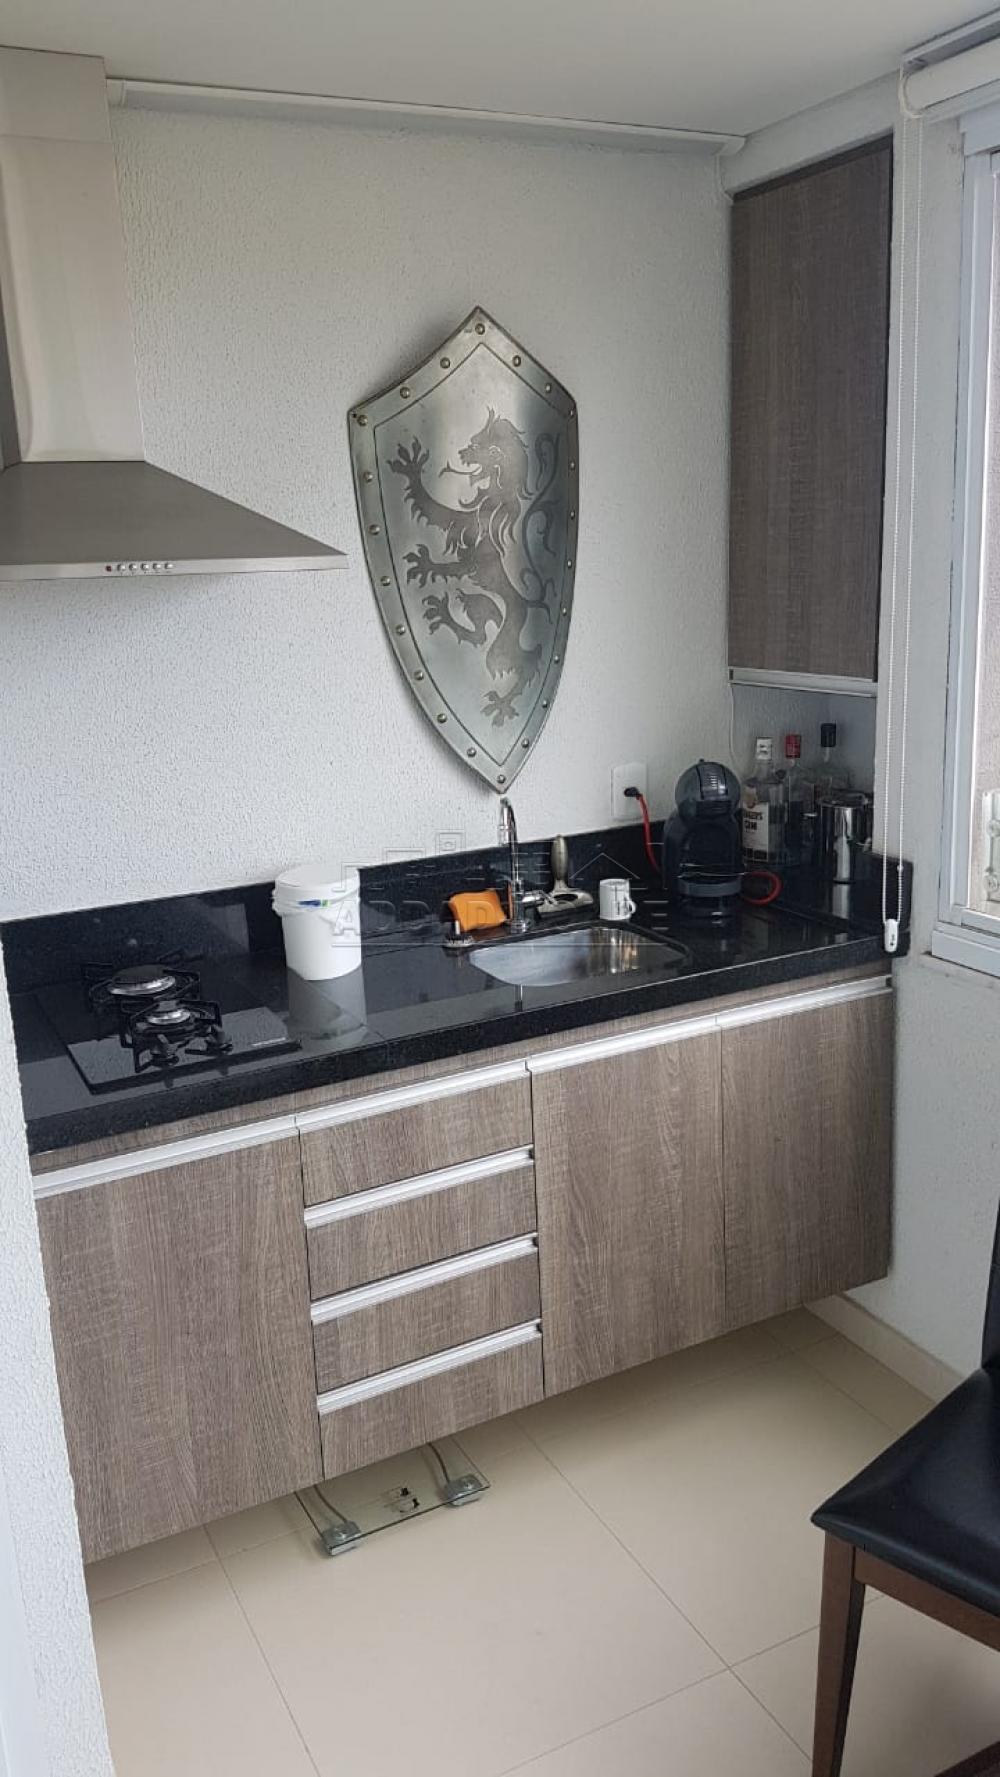 Comprar Apartamento / Padrão em Bauru apenas R$ 520.000,00 - Foto 15